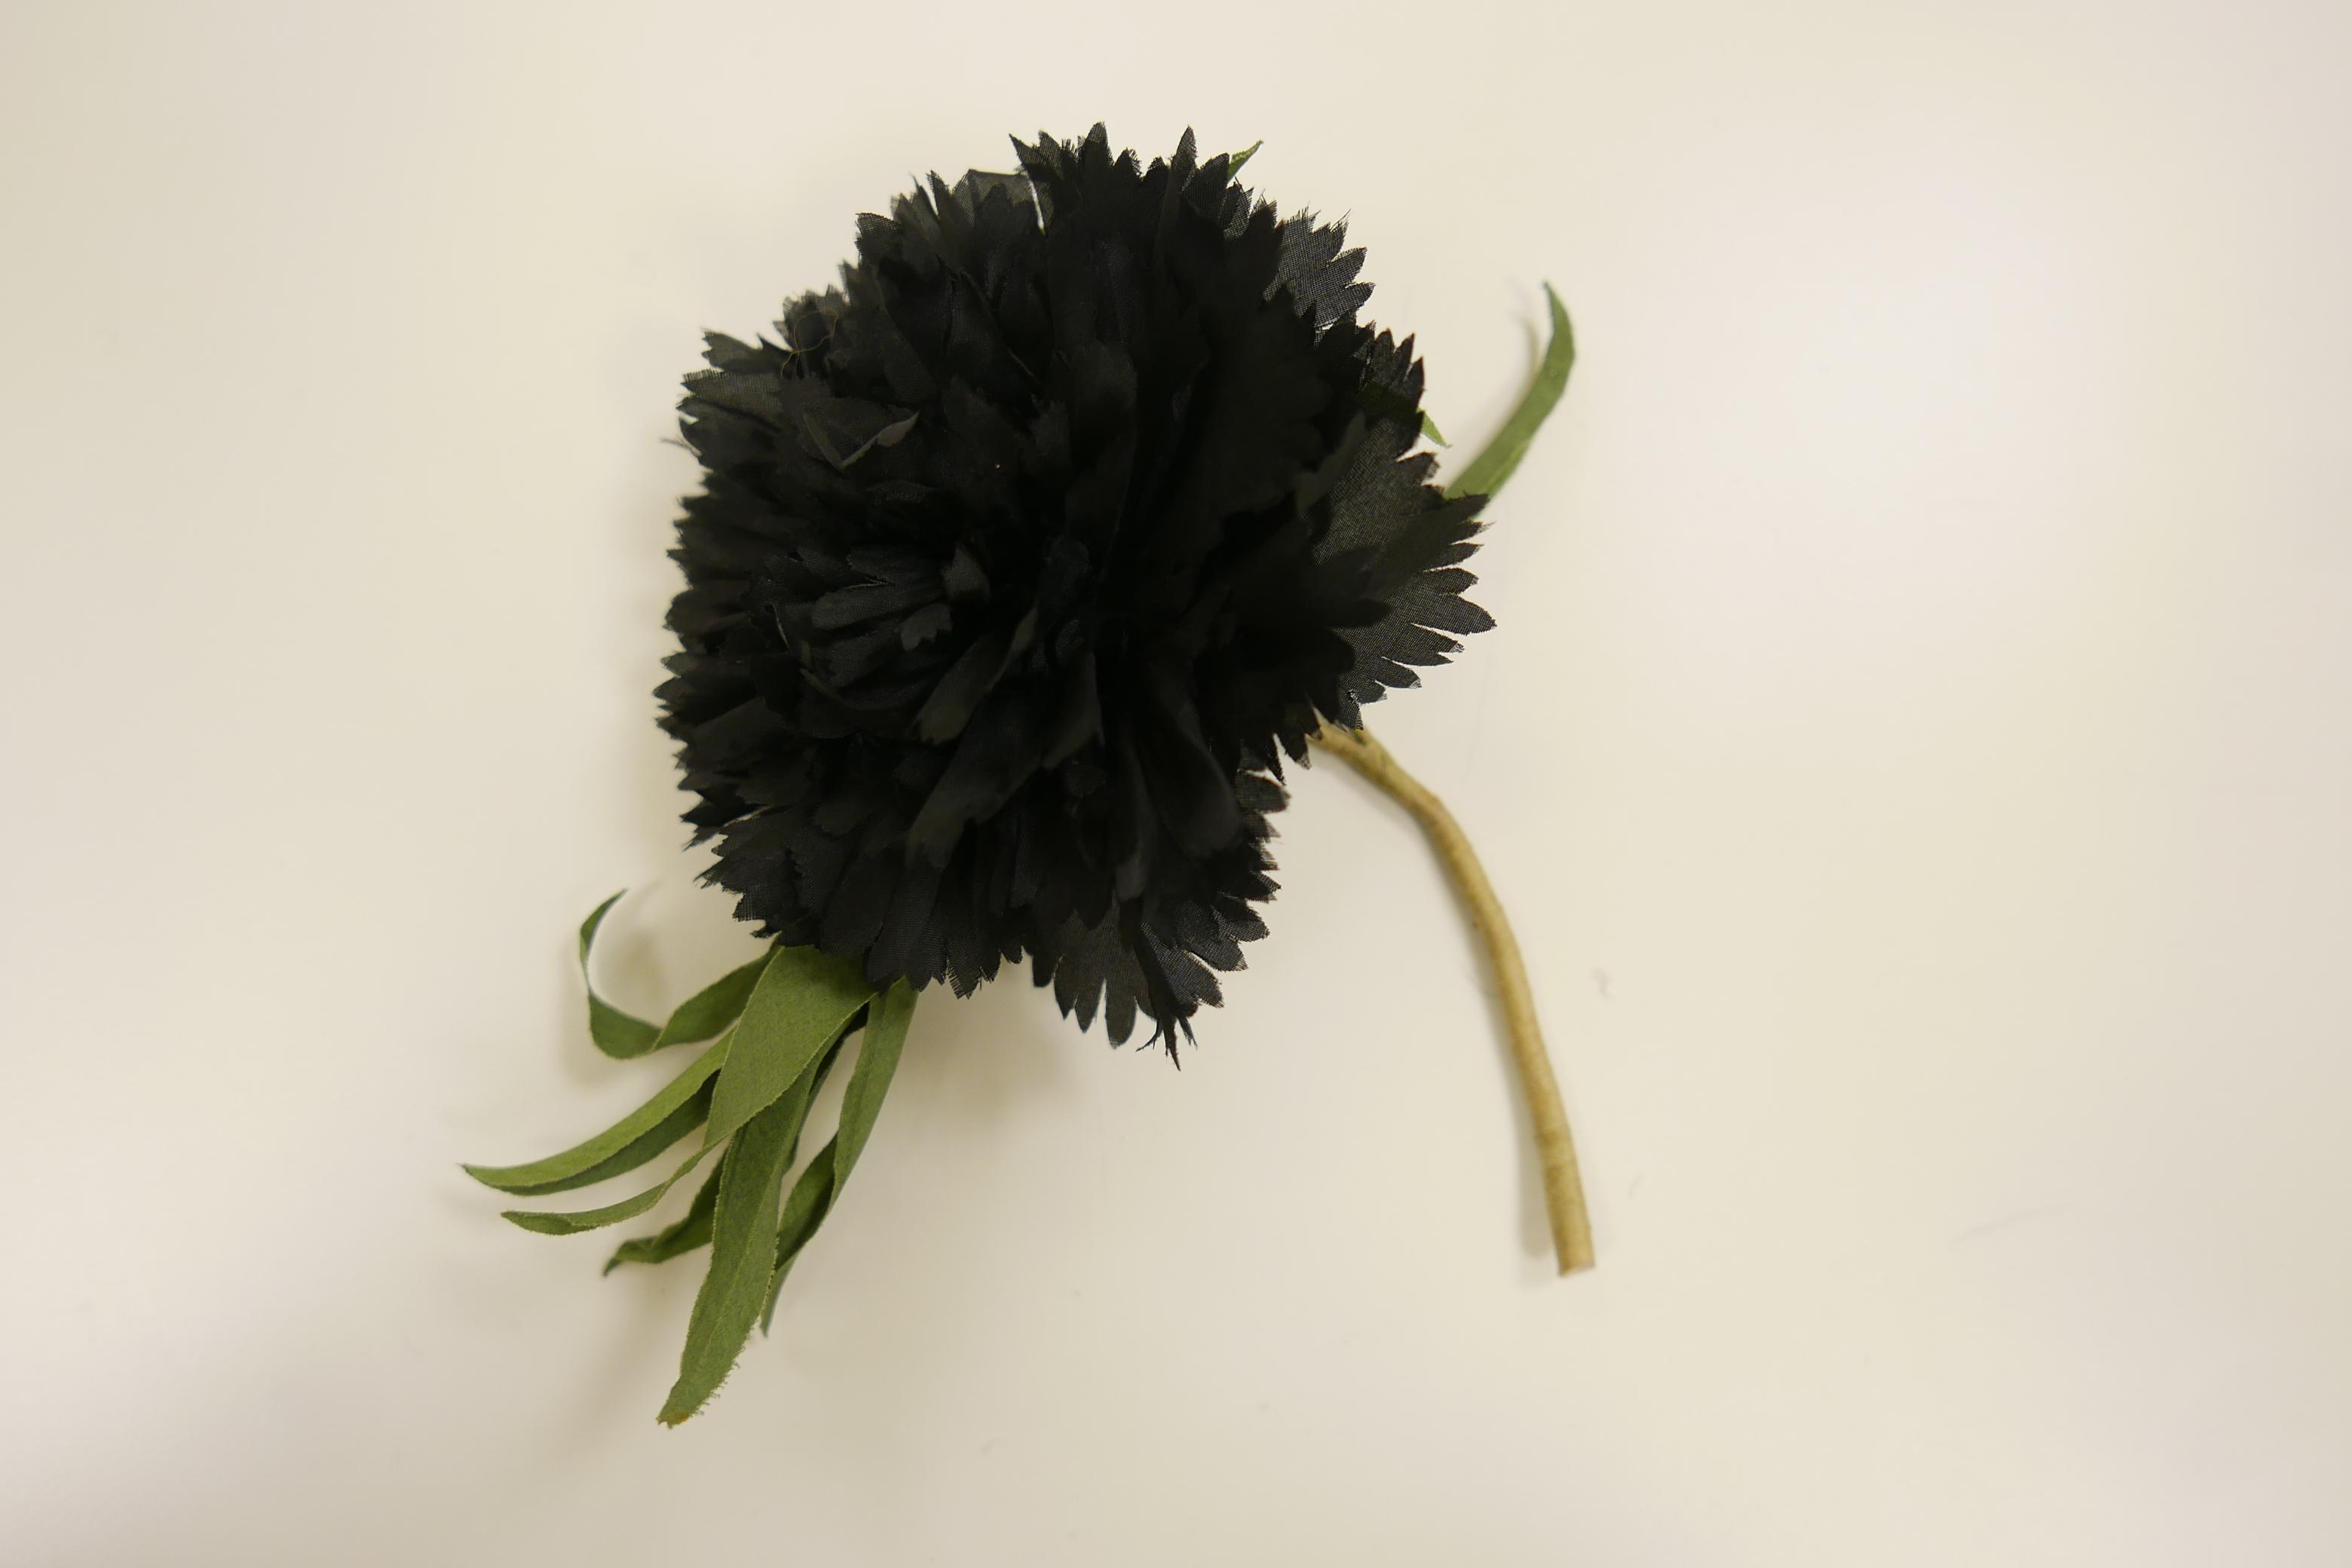 Crisantemo negro con hojas verdes